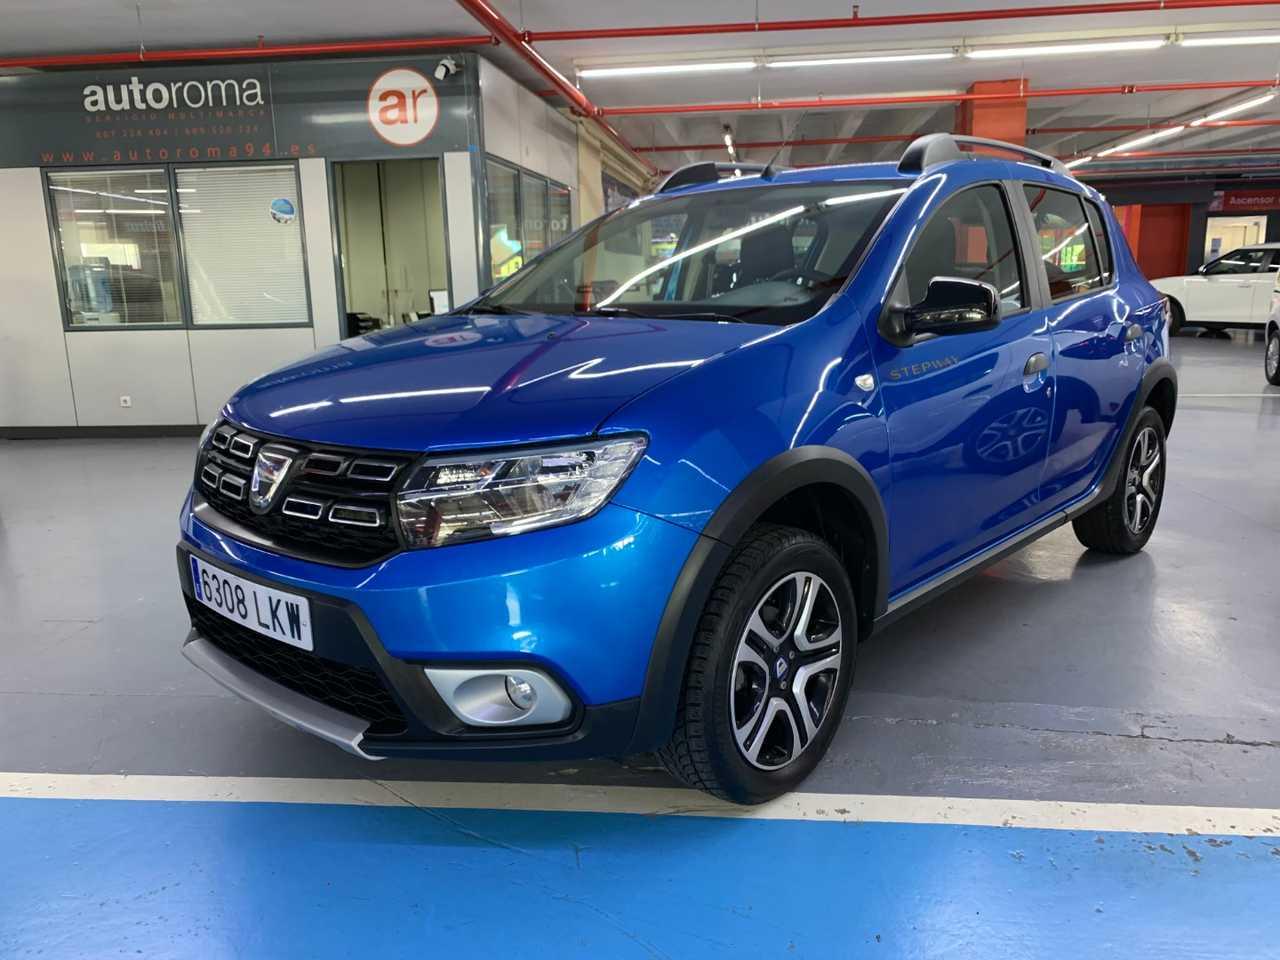 Dacia Sandero Stepway 1.5 Dci. Todos los extras posibles!!!   - Foto 1